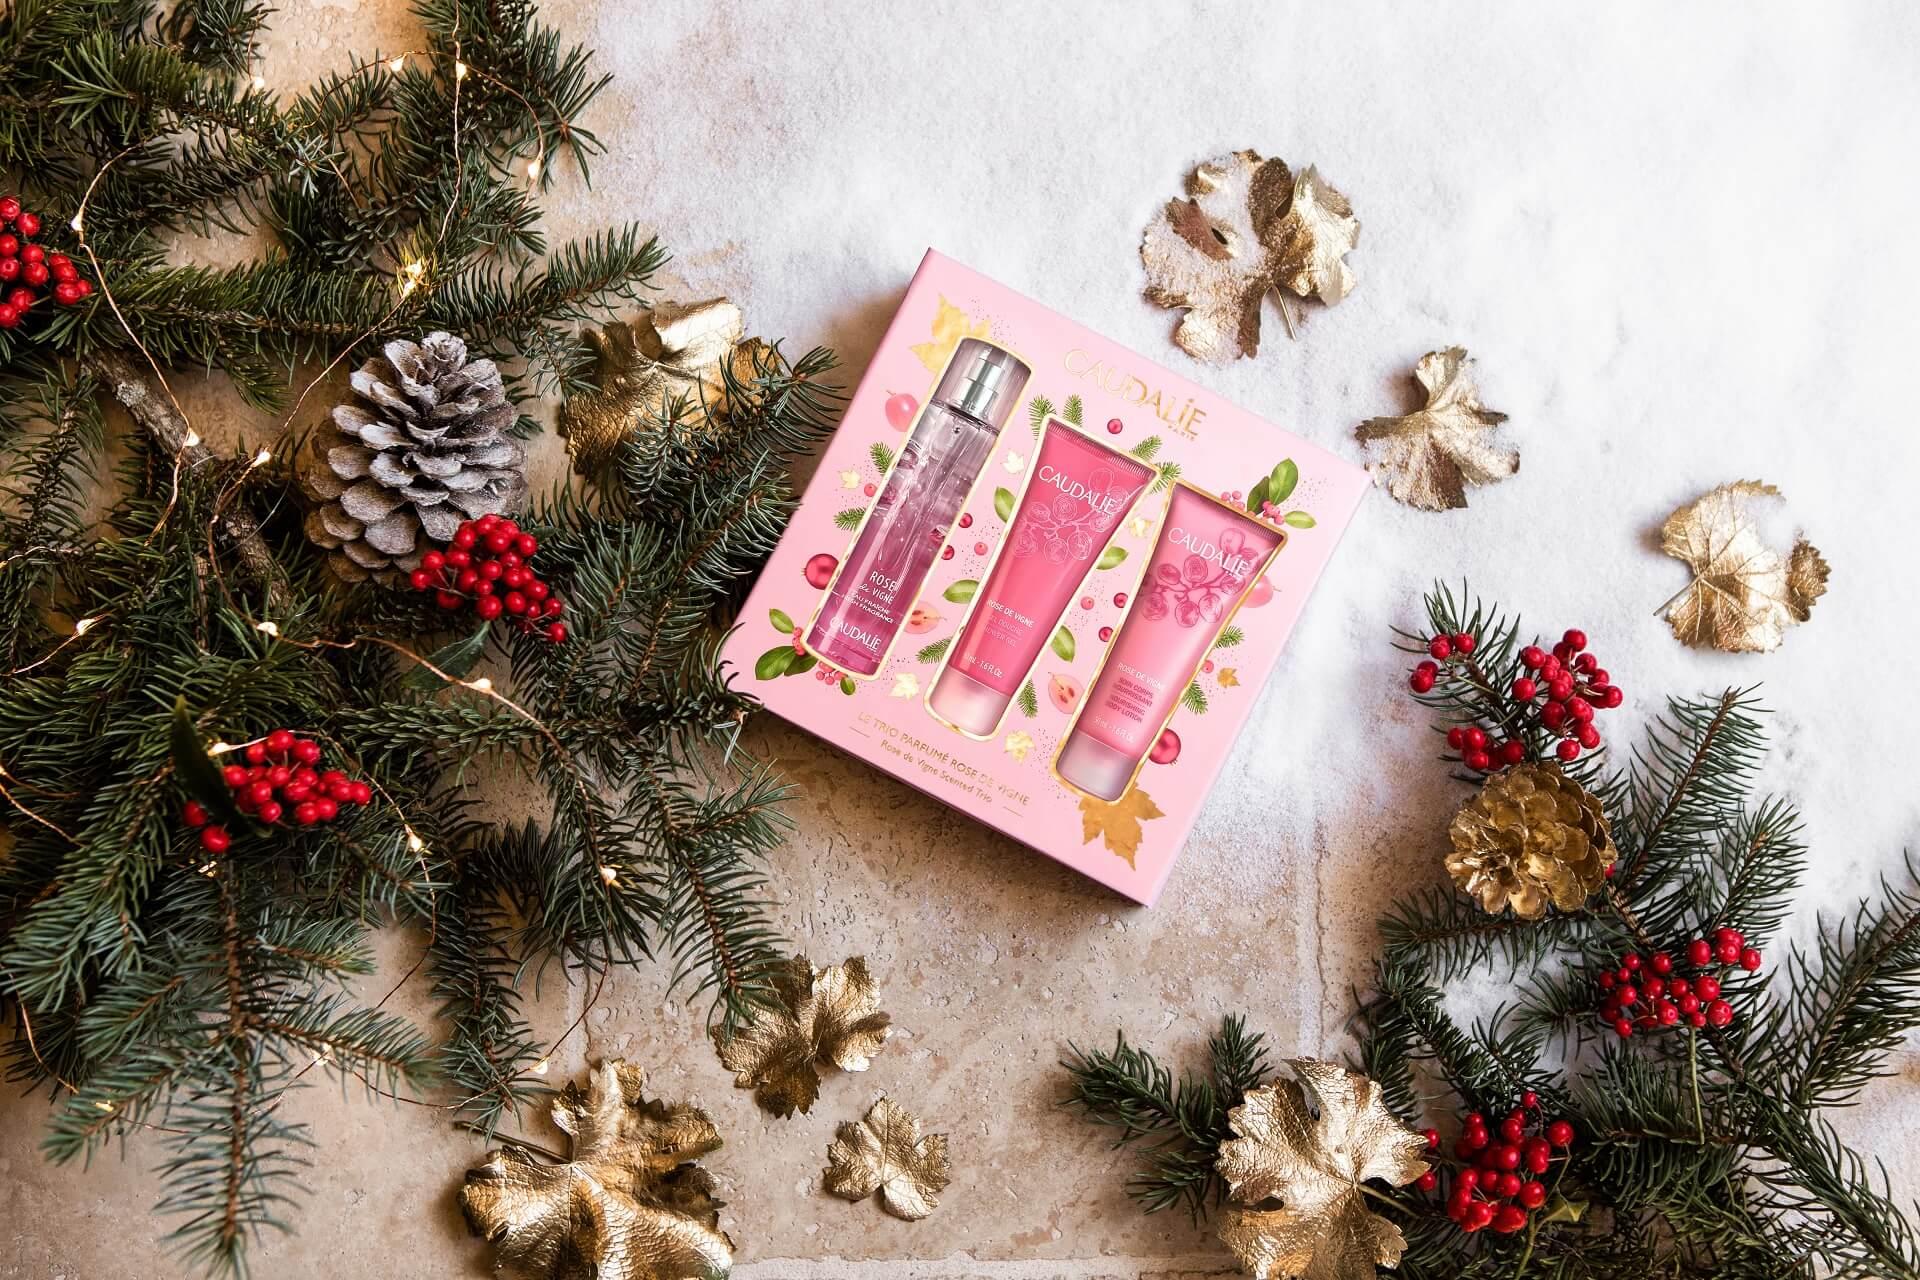 Осознанное Рождество: Тематическая коллекция праздничного настроения от брендаCaudalie-Фото 6